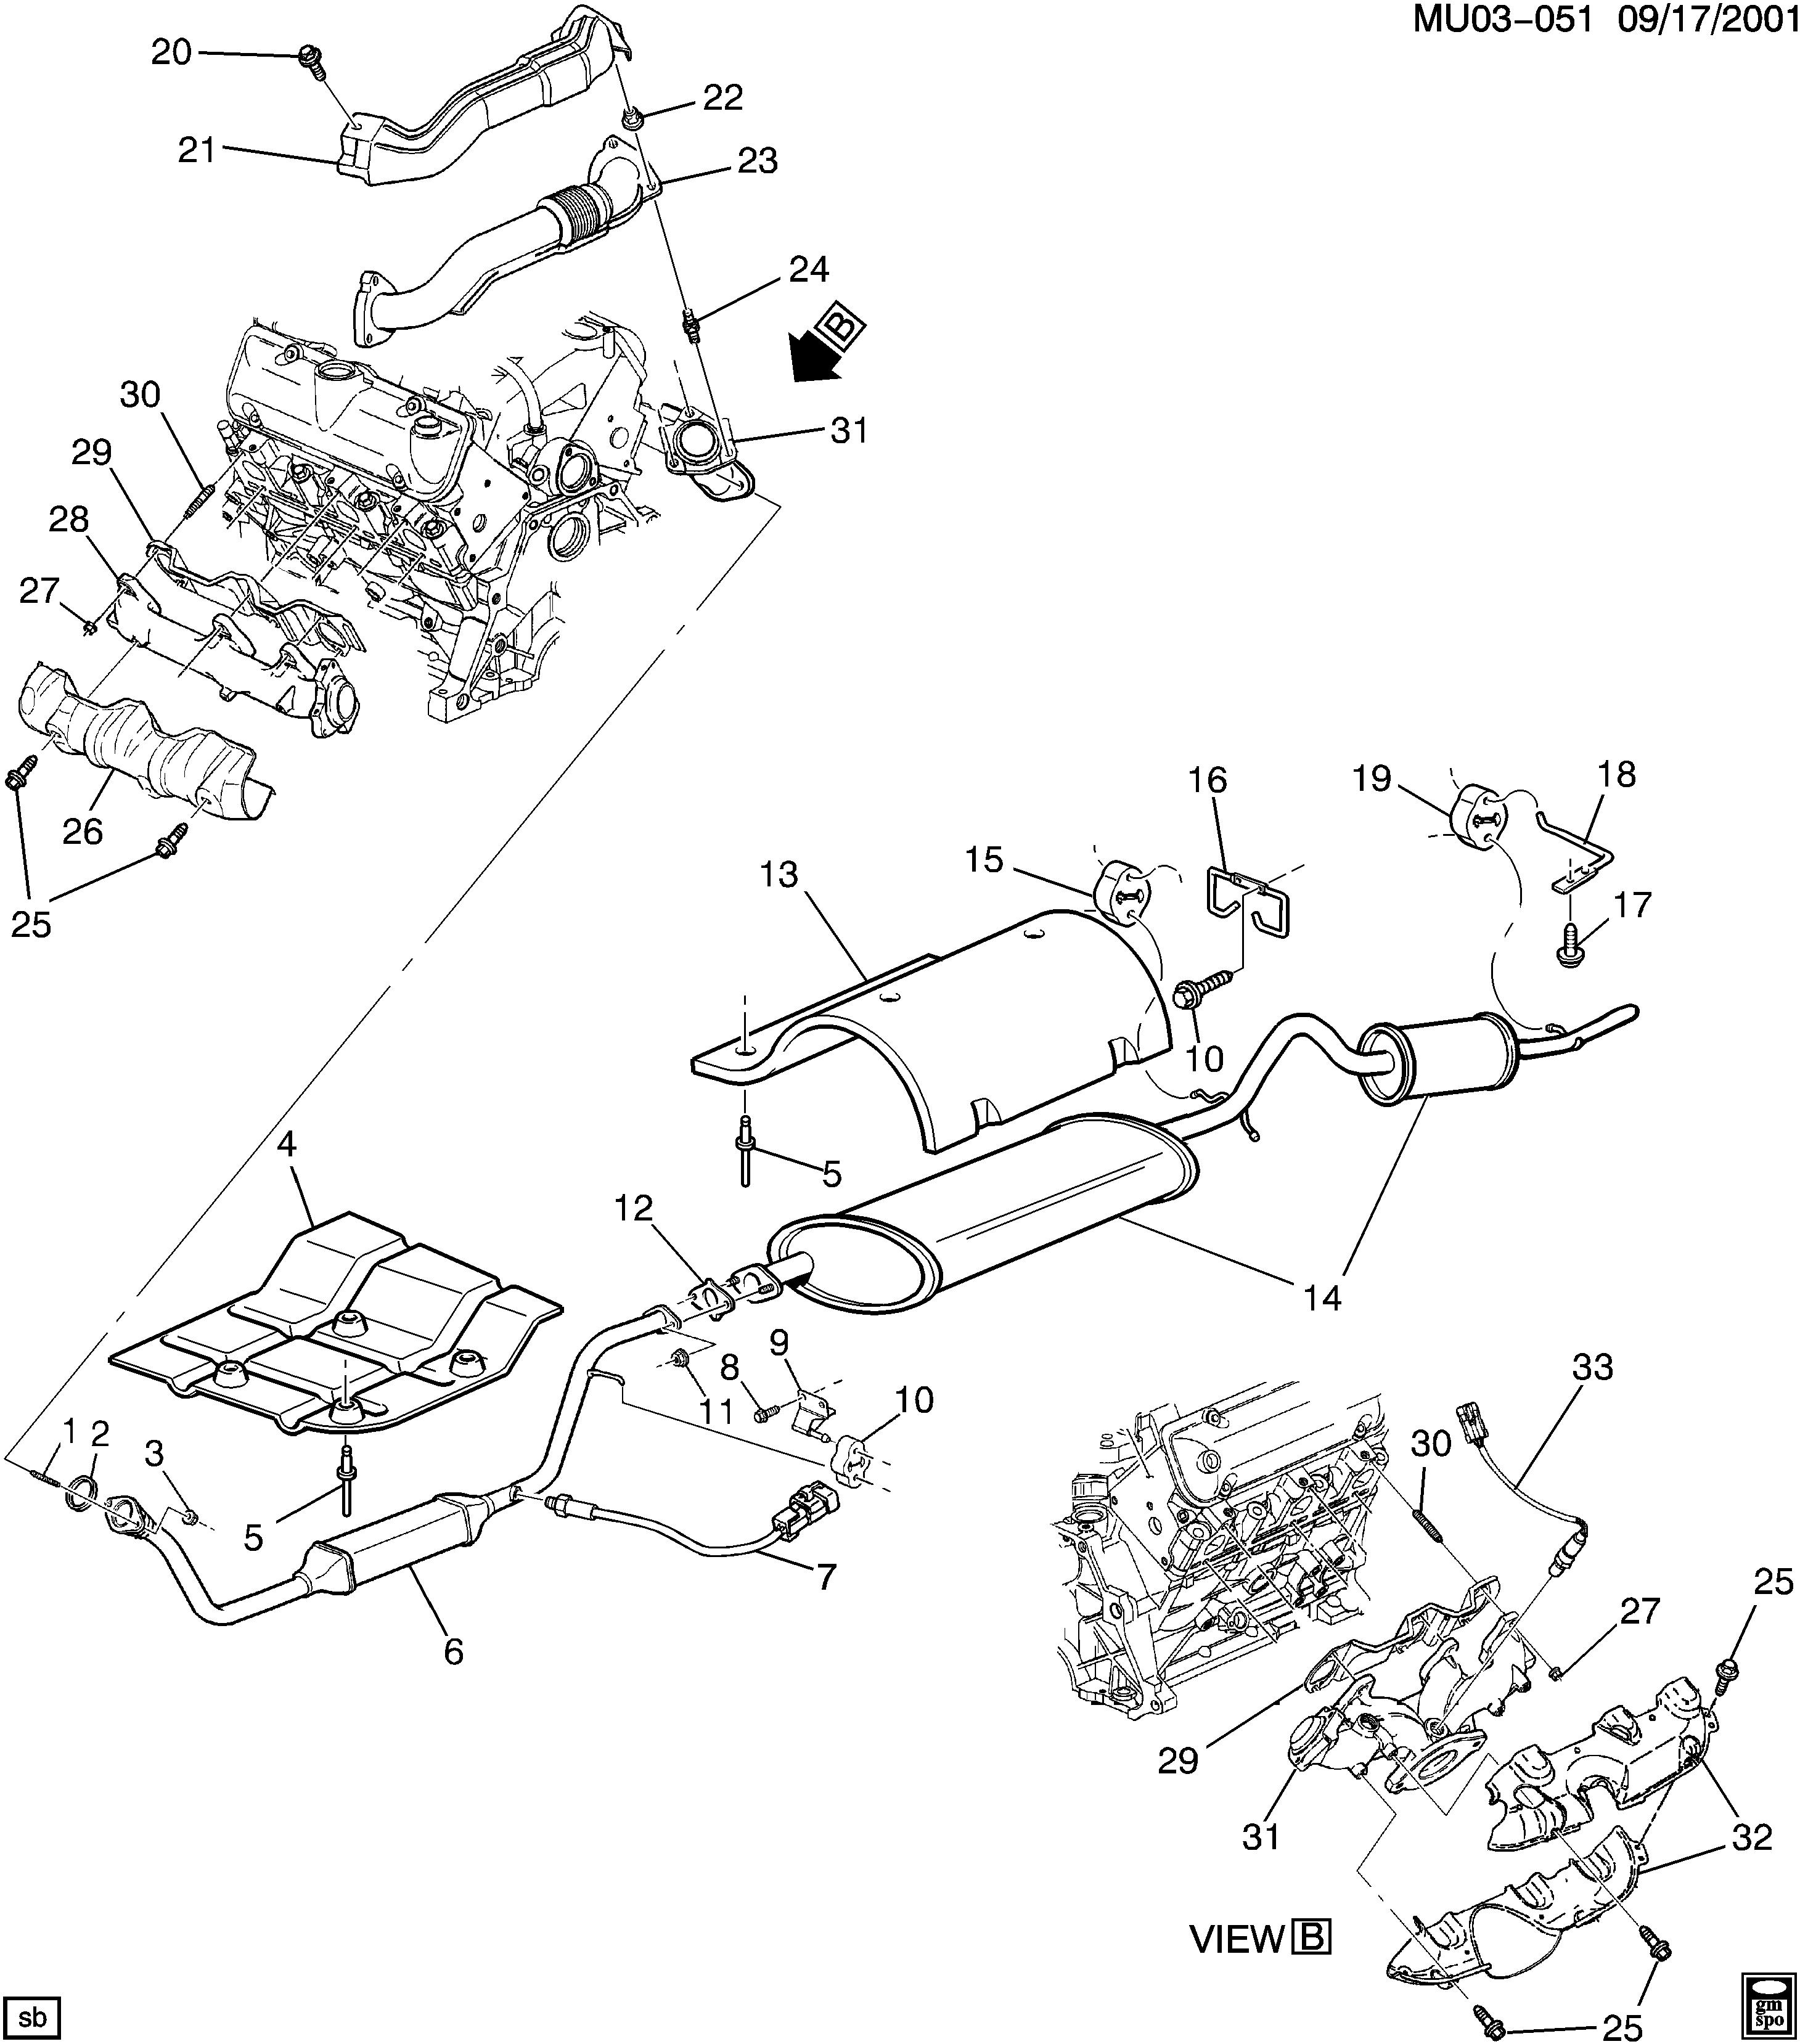 pontiac montana apv u exhaust system v6 la1 3 4e exc nm8 Mach II Maintenance u exhaust system v6 la1 3 4e exc nm8